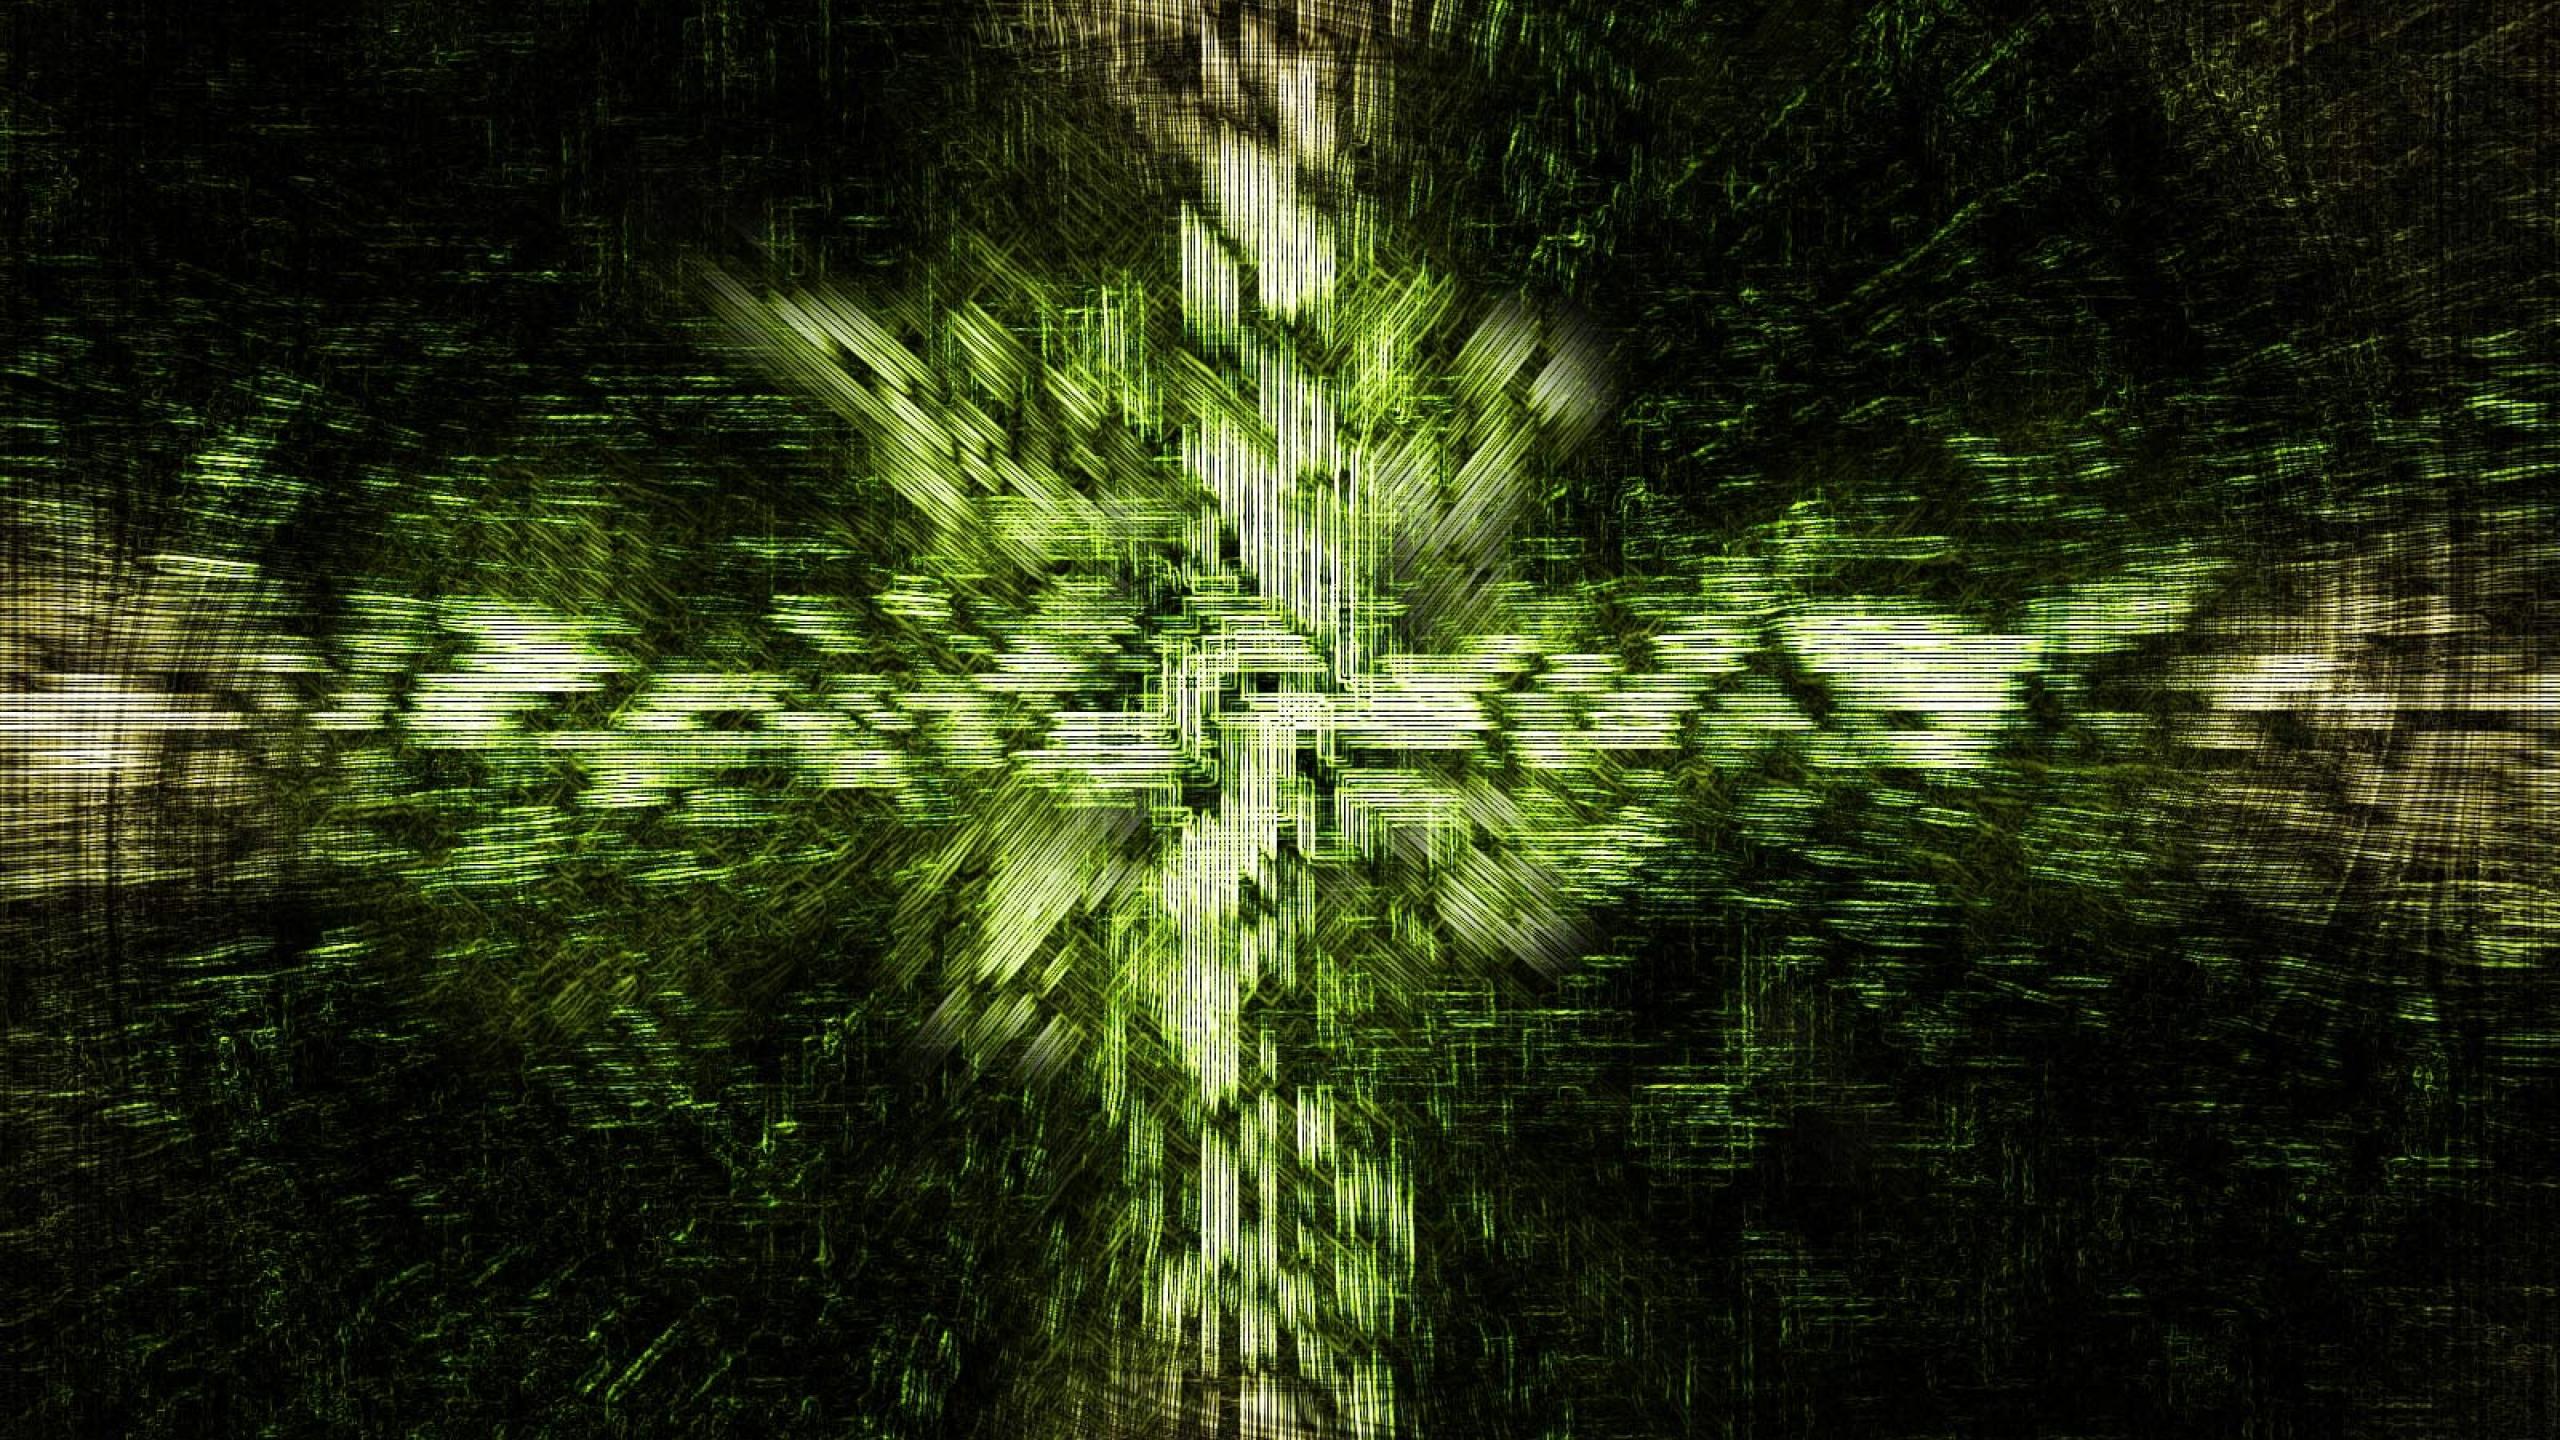 New 3d Hd Wallpapers For Pc Free Cross Wallpaper Desktop Pixelstalk Net